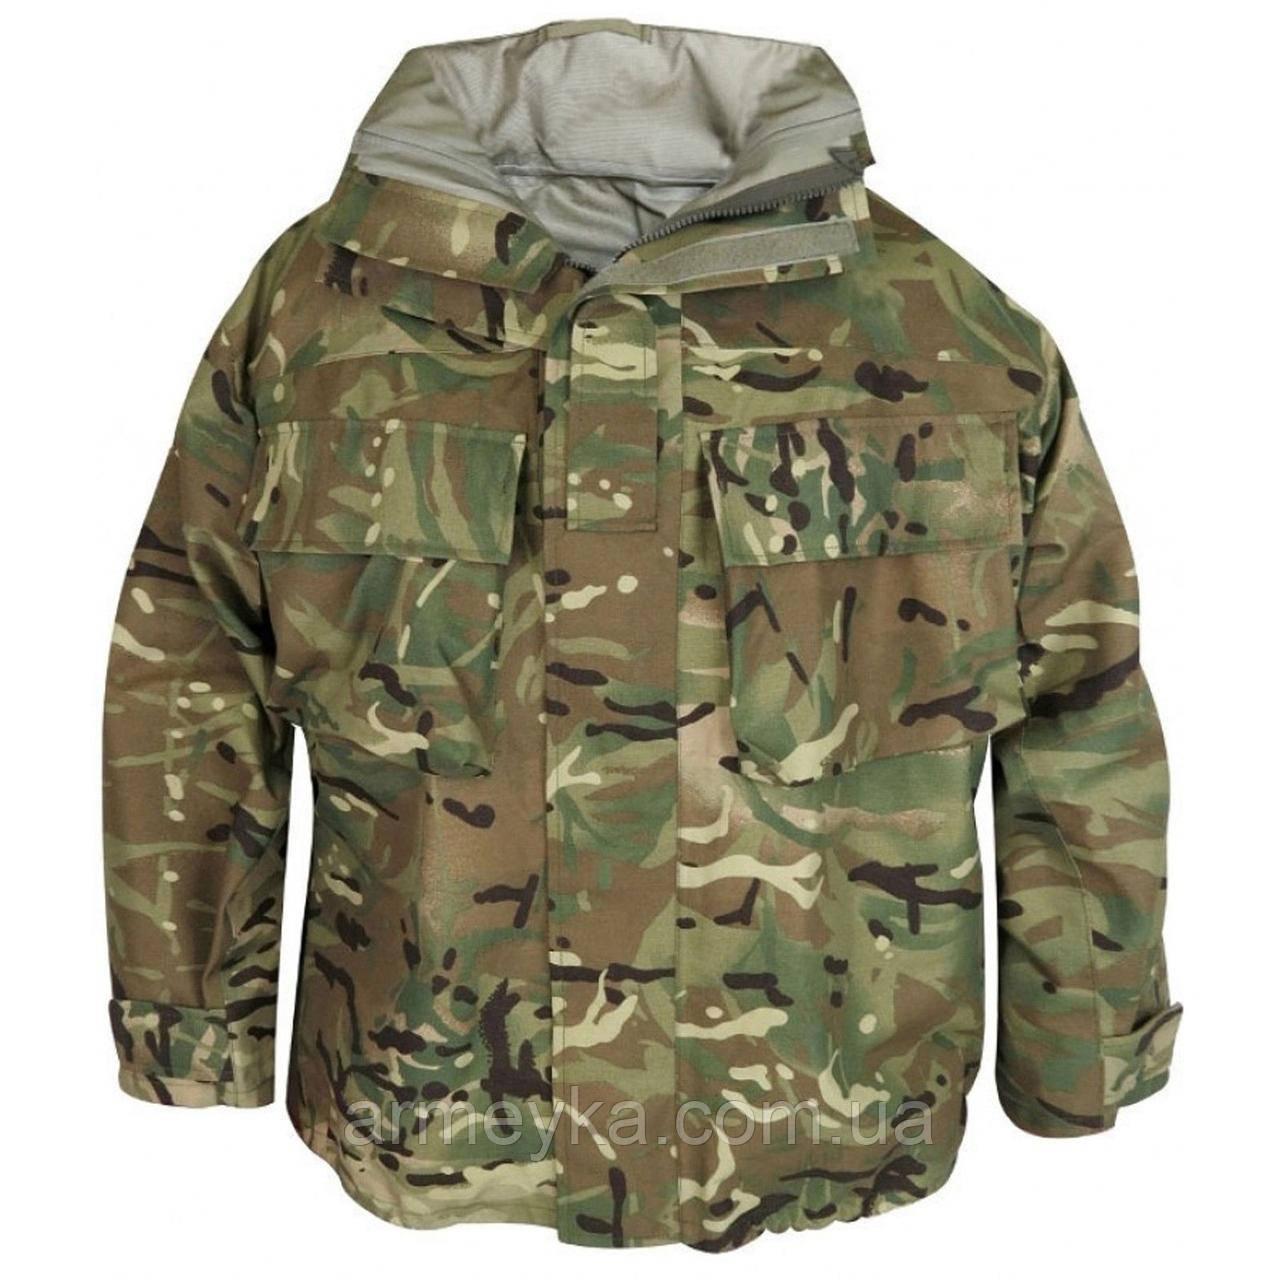 Мембранная куртка Gore-tex MTP образца CS-95. Великобритания, оригинал.